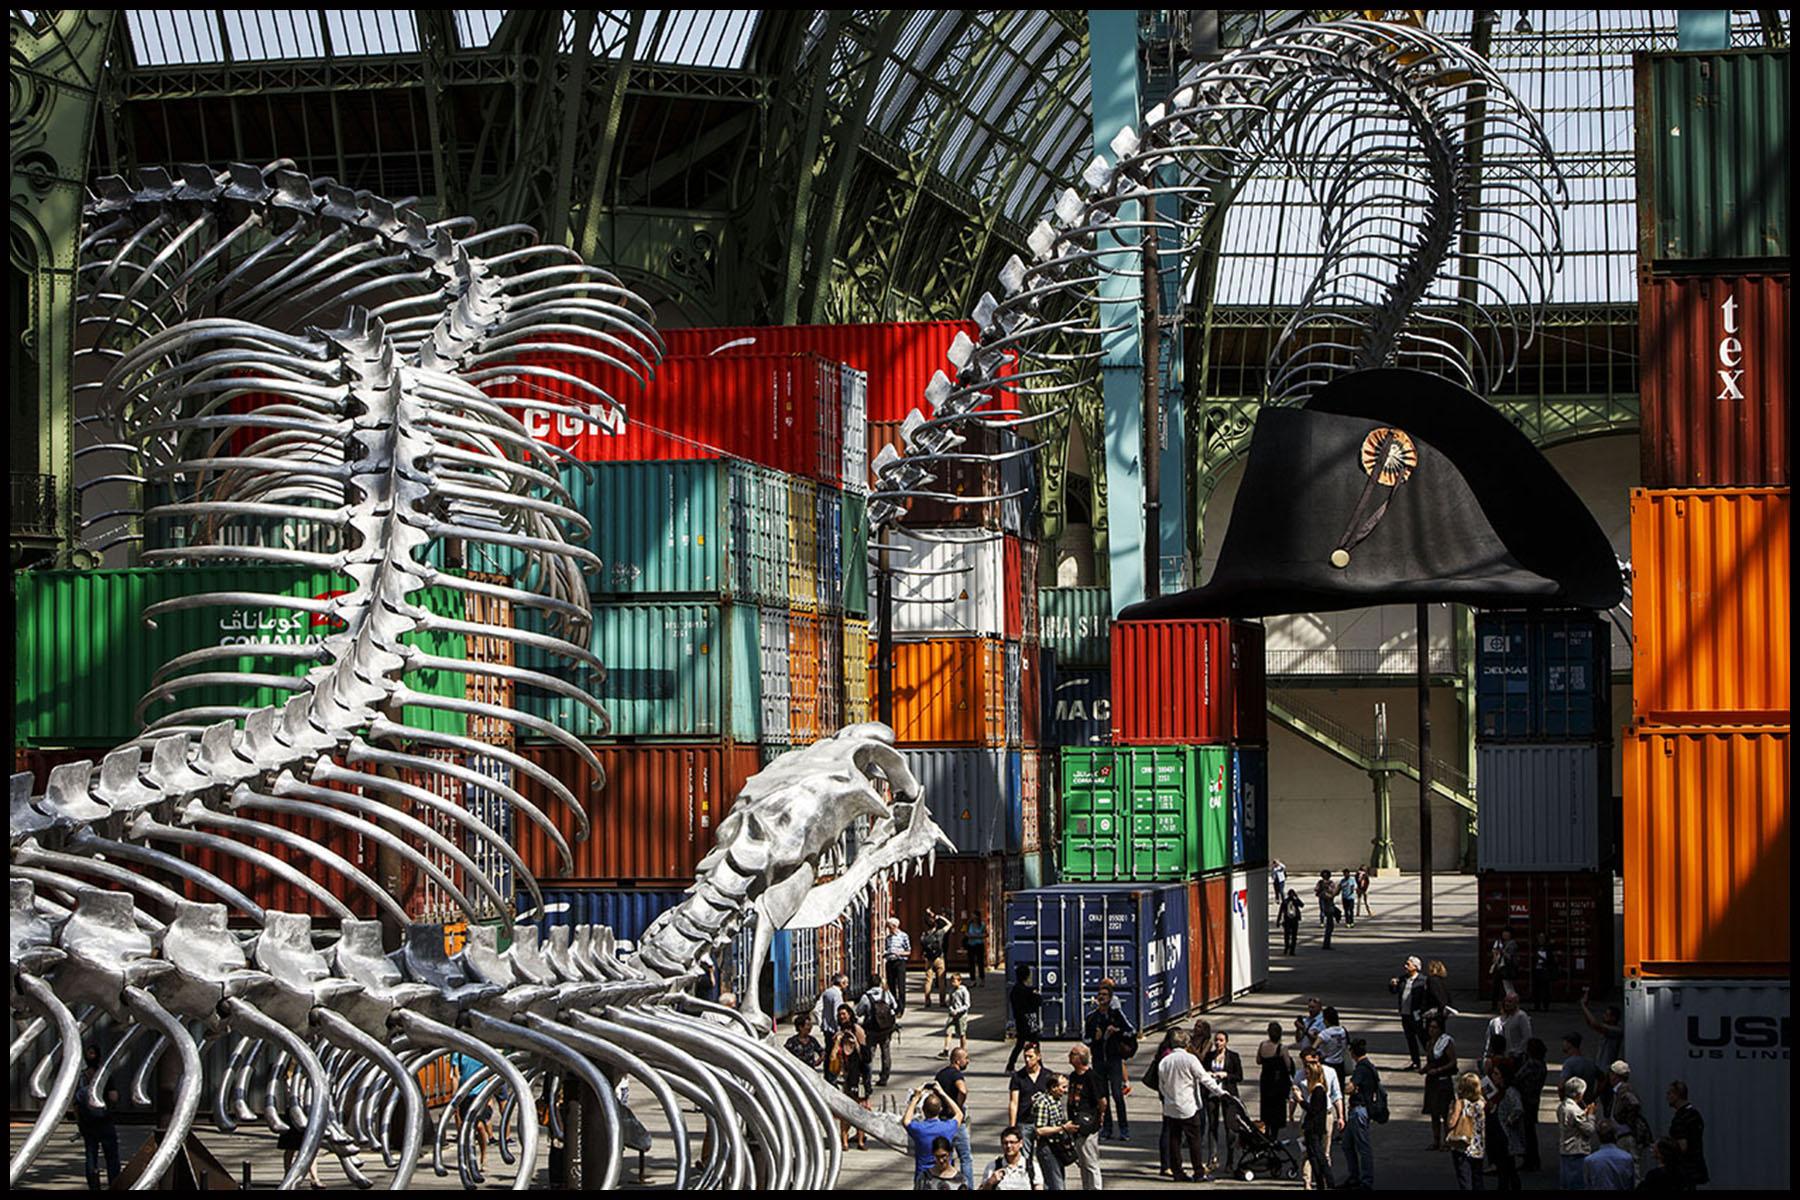 Ouverture au public de l'exposition Monumenta au Grand Palais, dont l'invité, l'artiste HUANG YONG PING présente son oeuvre: Empires.